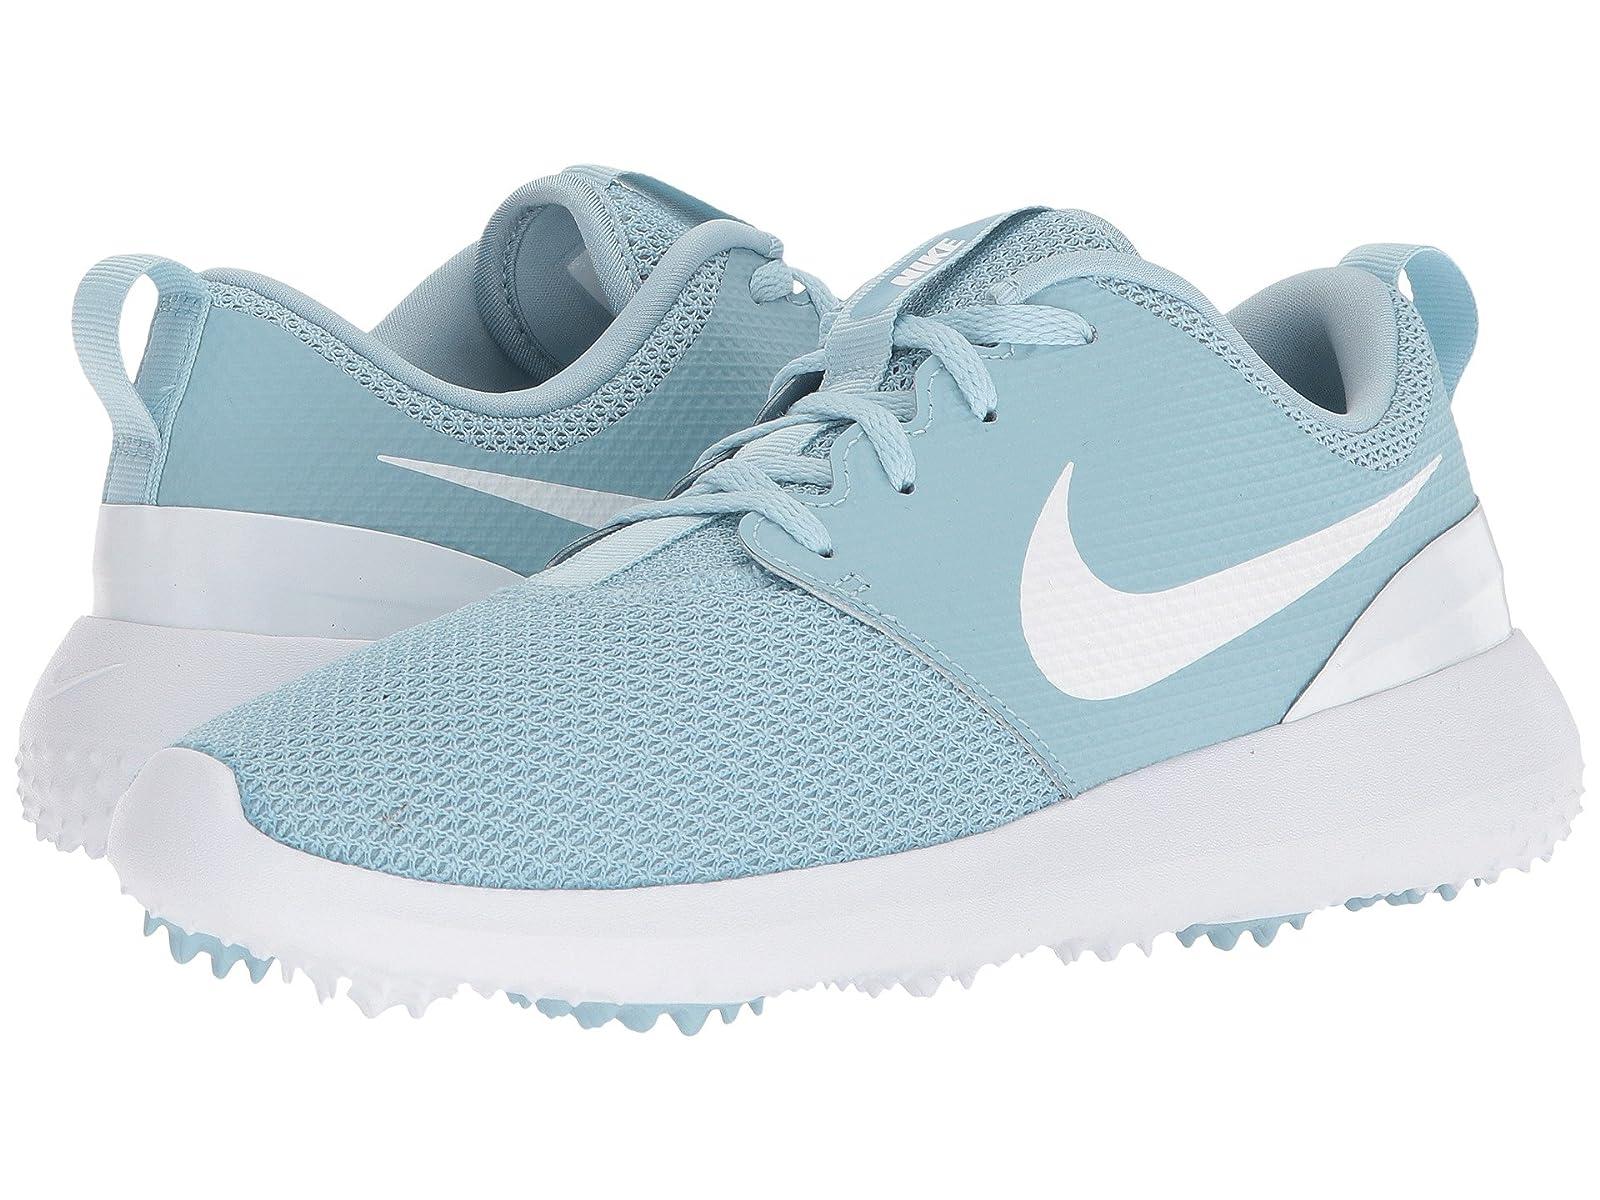 Nike Golf Roshe GAtmospheric grades have affordable shoes